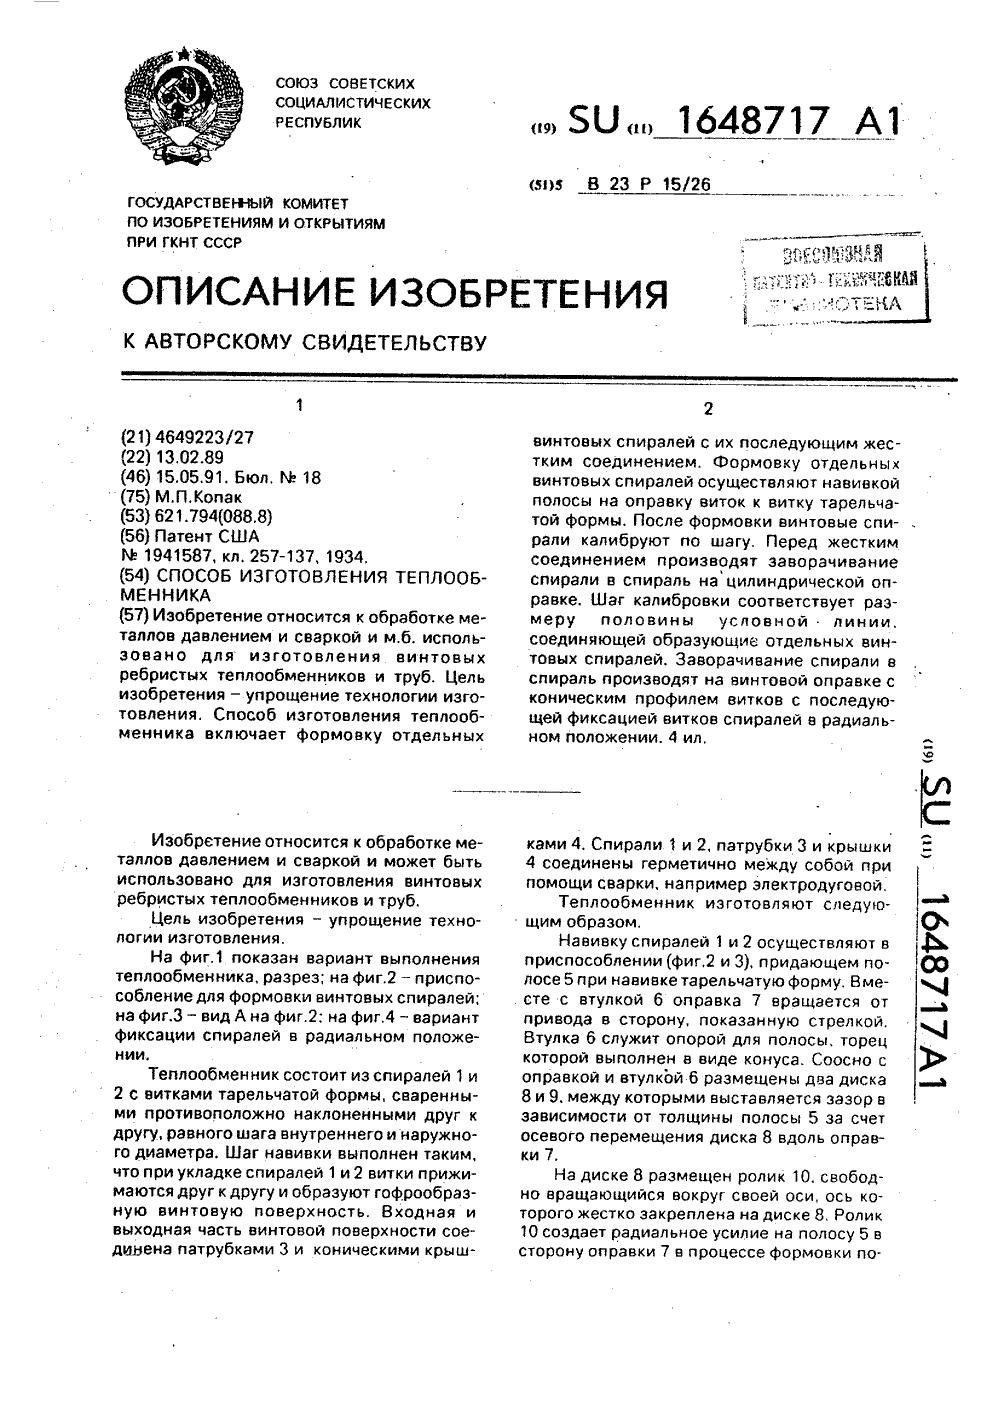 теплообменник remak vo 725-735/2r